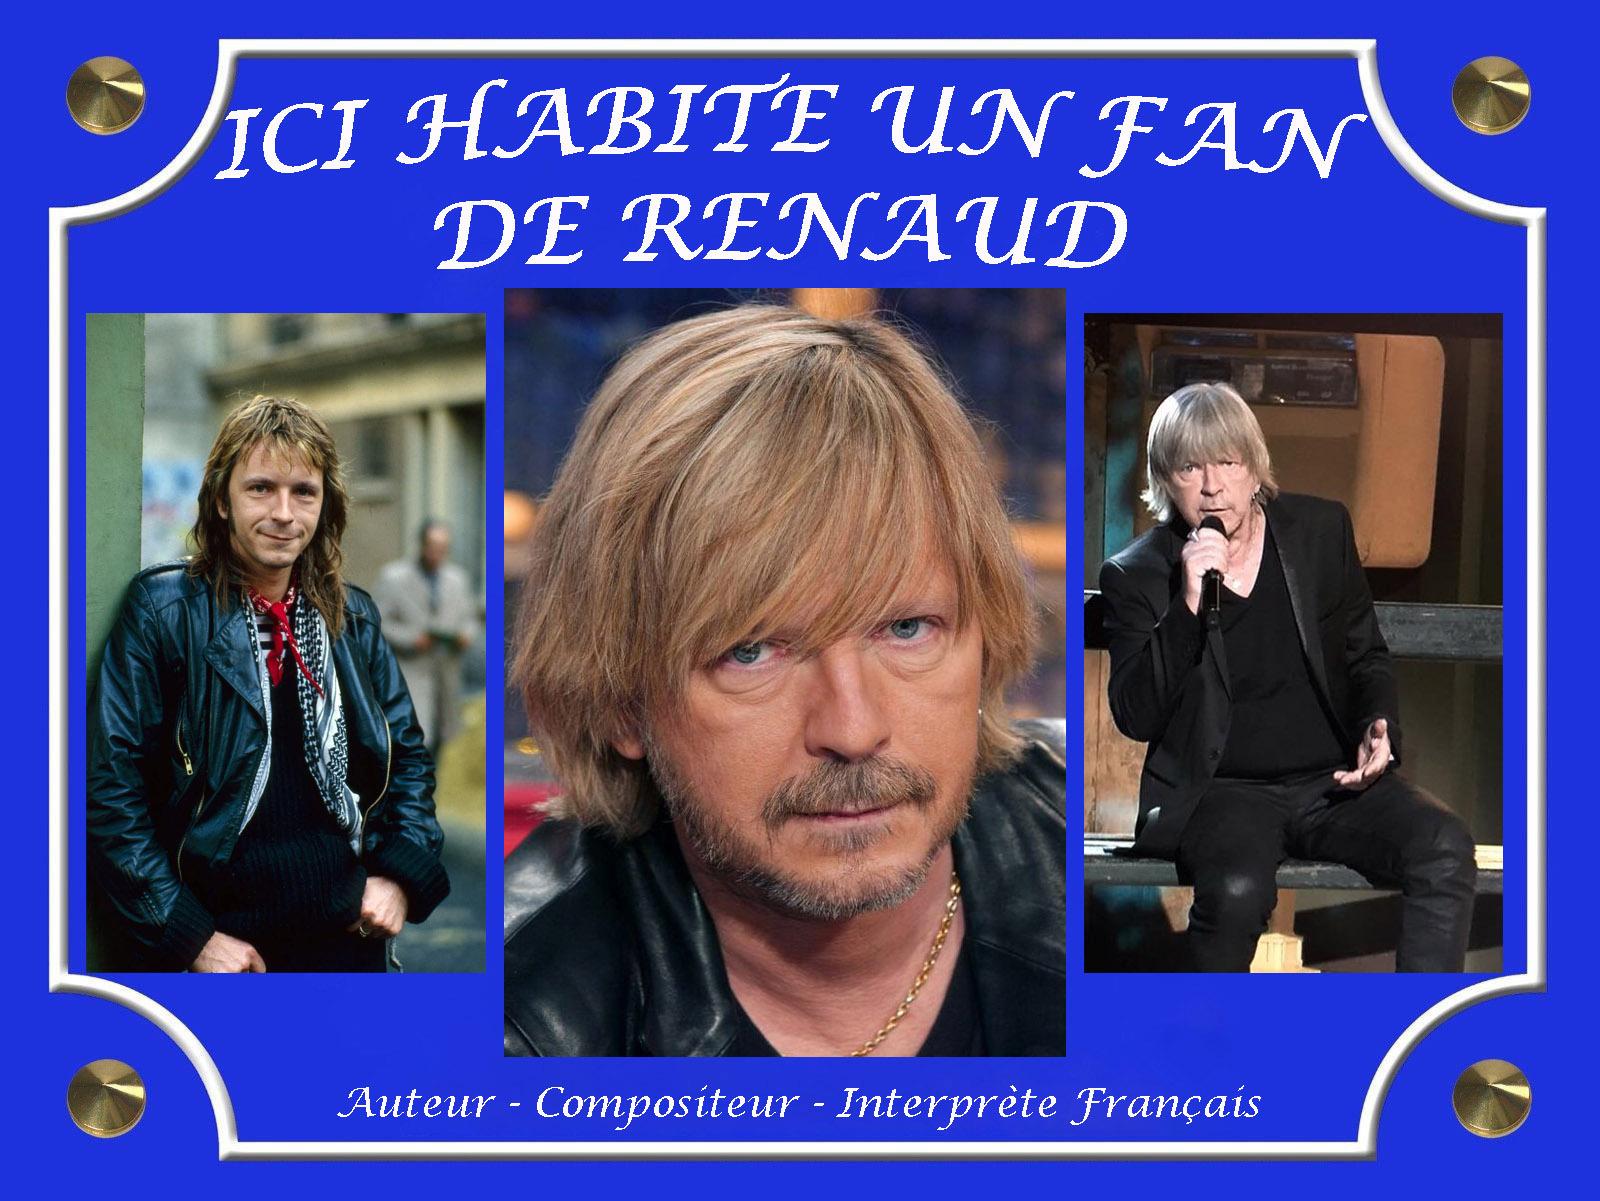 Renaud ici habite un fan 3 photo